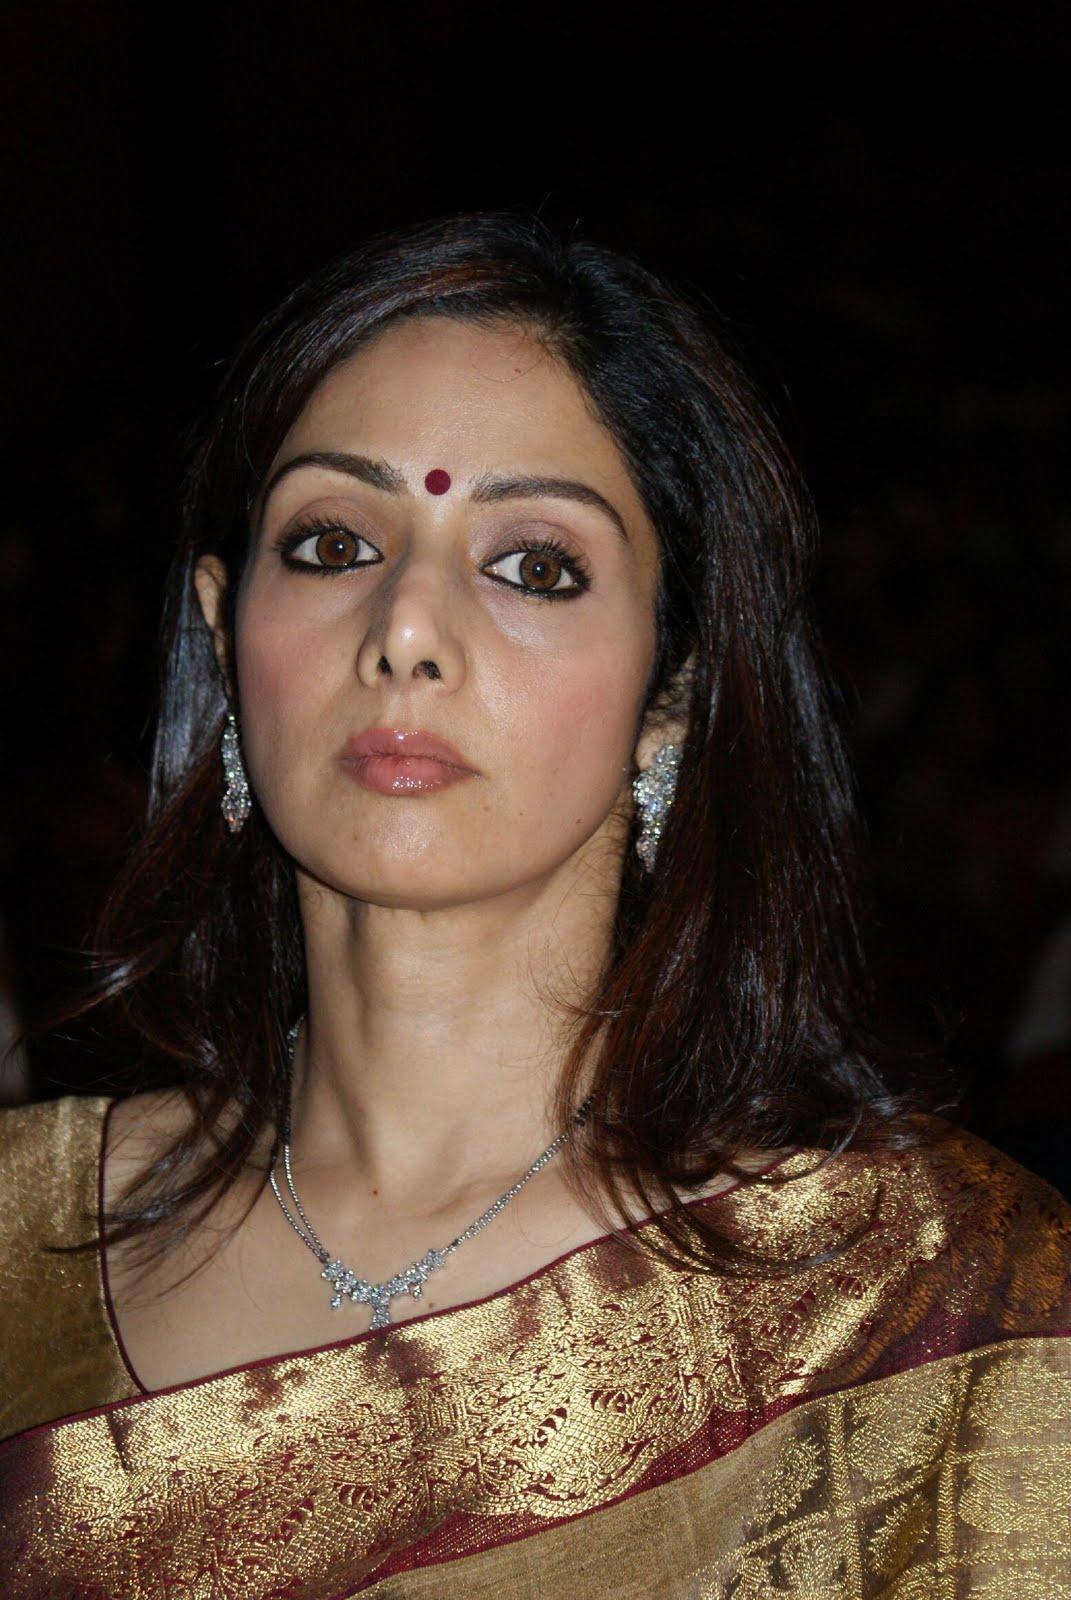 http://3.bp.blogspot.com/-fJufZ_SMo88/Td_X4MElisI/AAAAAAAAAGM/vBbdg9vo6mA/s1600/awesome_sexy_actress_sridevi_looking_sharp_sexy_in_golden_zari_saree.jpg